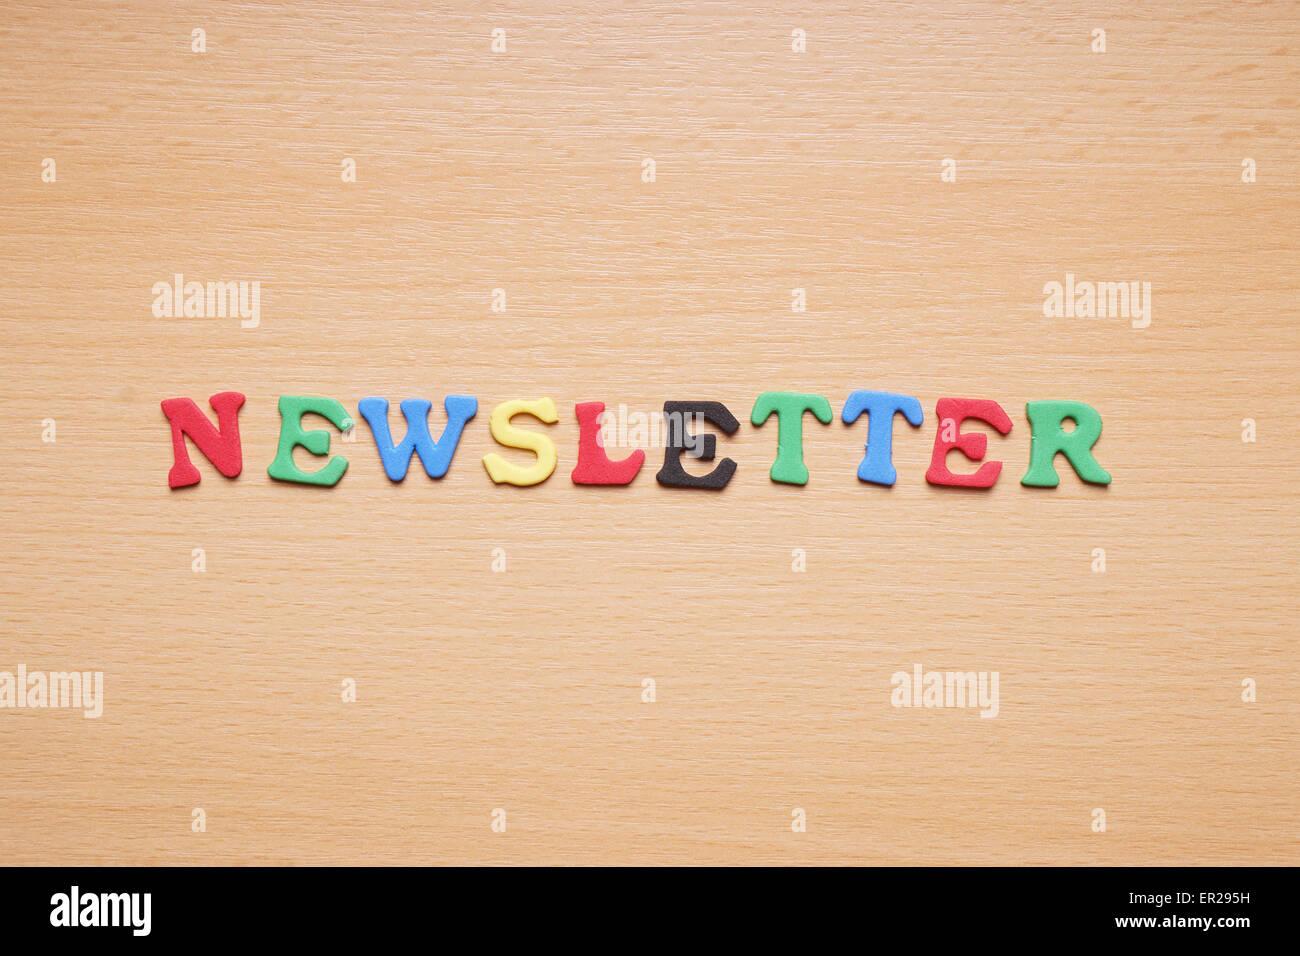 newsletter in foam rubber letters Stock Photo